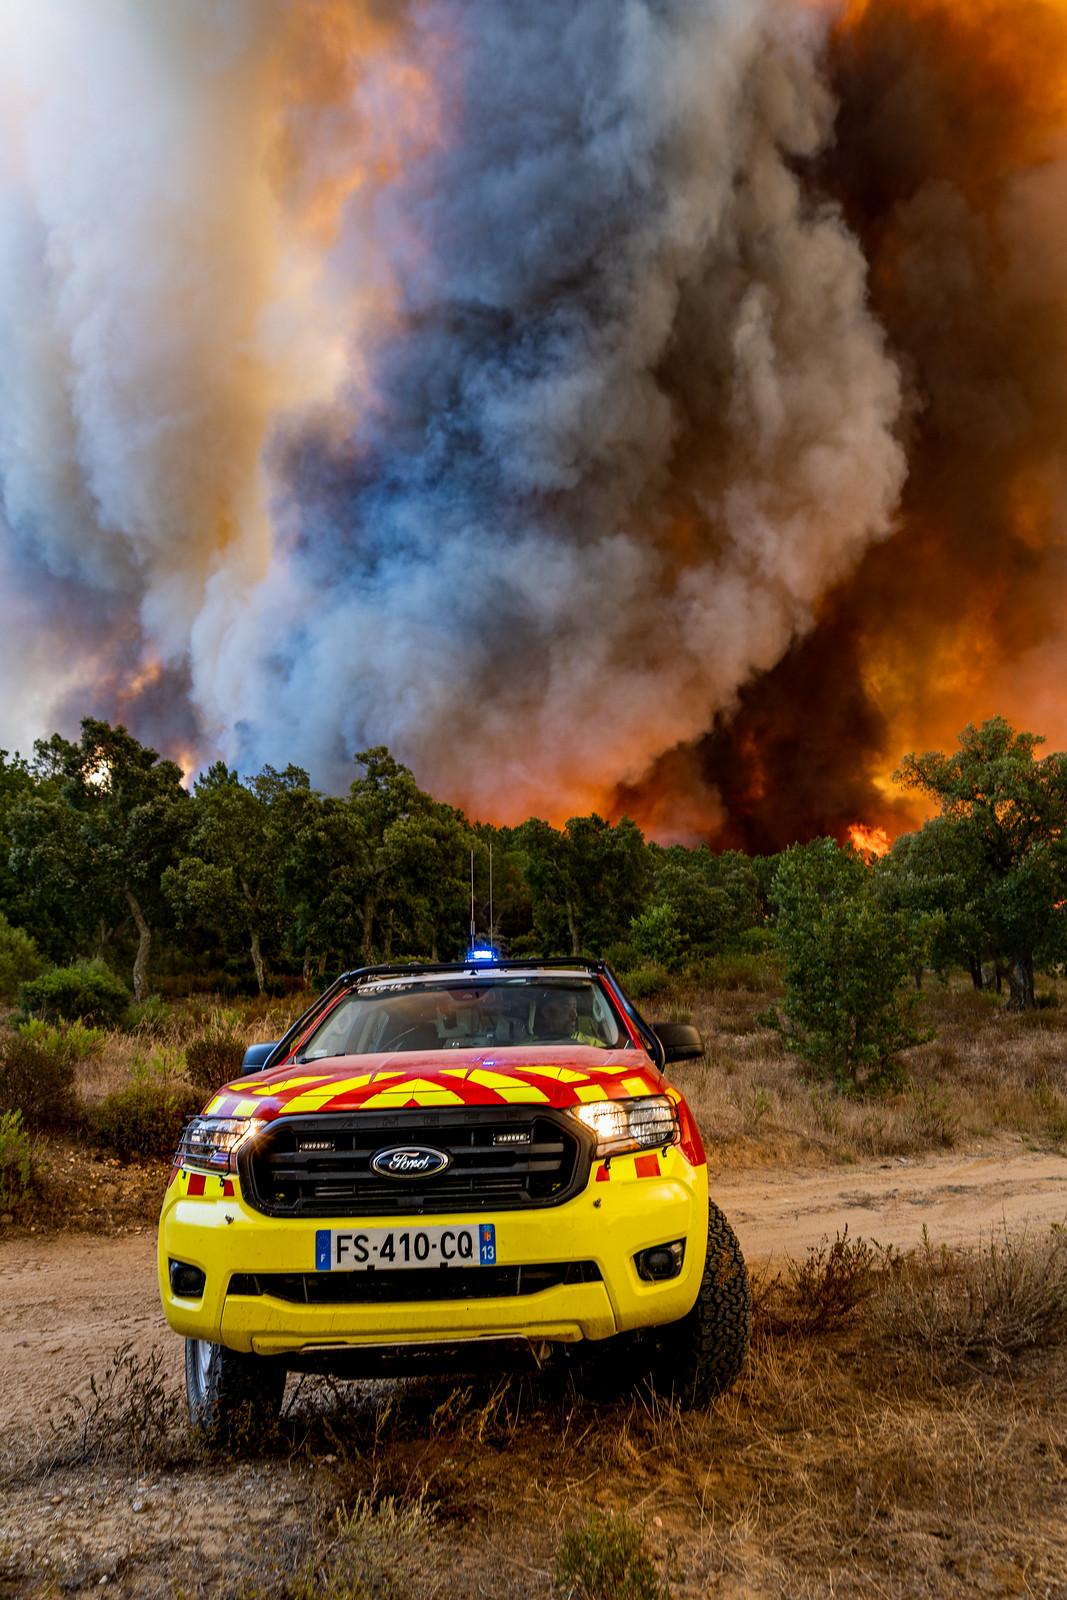 Opérations : Hérault, Vaucluse, Var ou international : les Pompiers13 sur tous les fronts